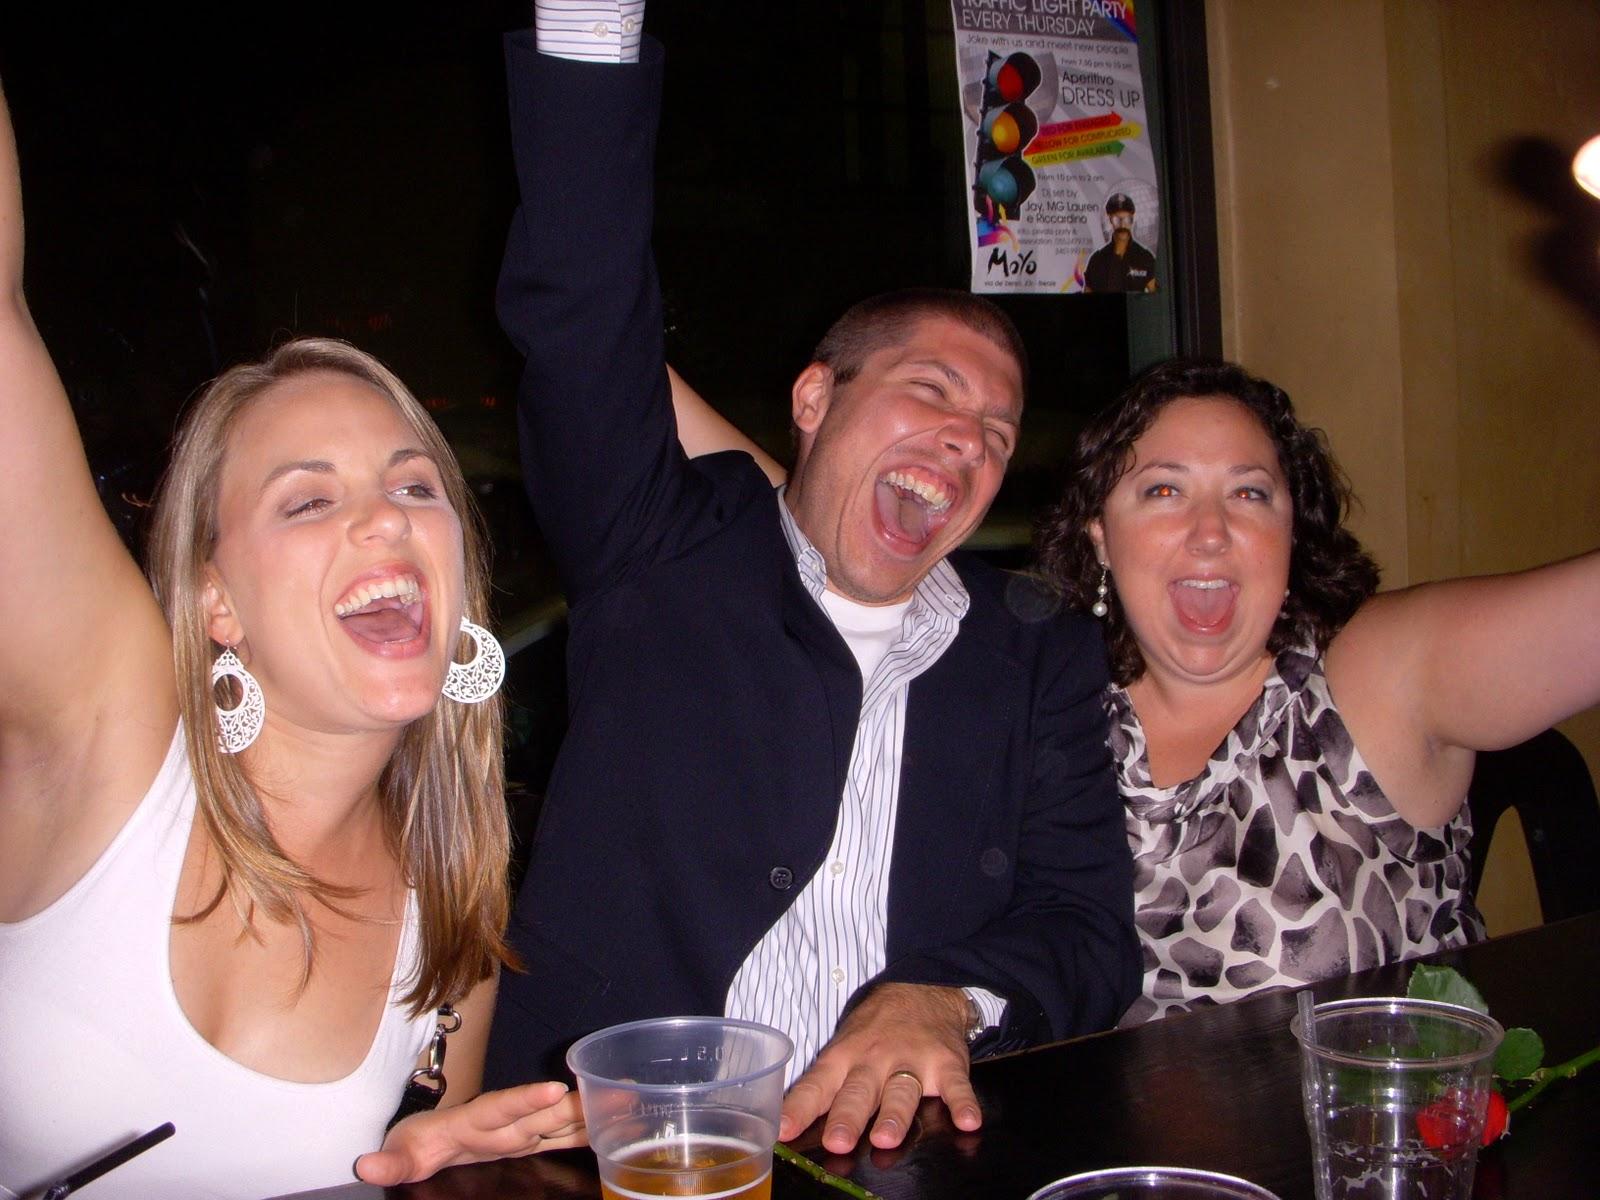 http://2.bp.blogspot.com/_FoIG4XsYrtQ/TJOCv_0dL3I/AAAAAAAACTs/G2Sresnerxk/s1600/NEW+YORK+by+Jay-Z+and+Alicia+Keys.JPG